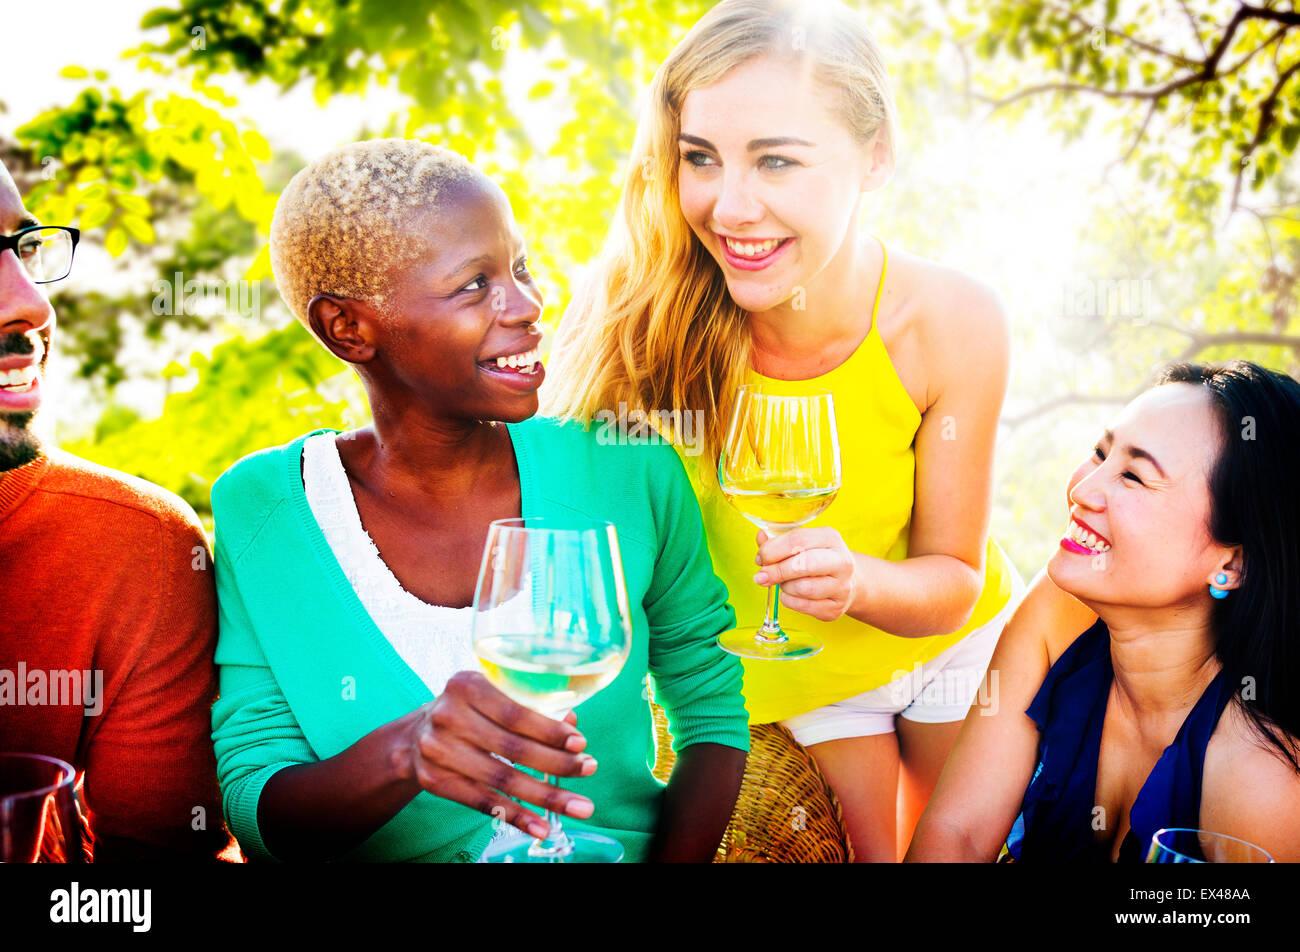 Pour parler d'Amitié amis Loisirs Concept paralysant Photo Stock